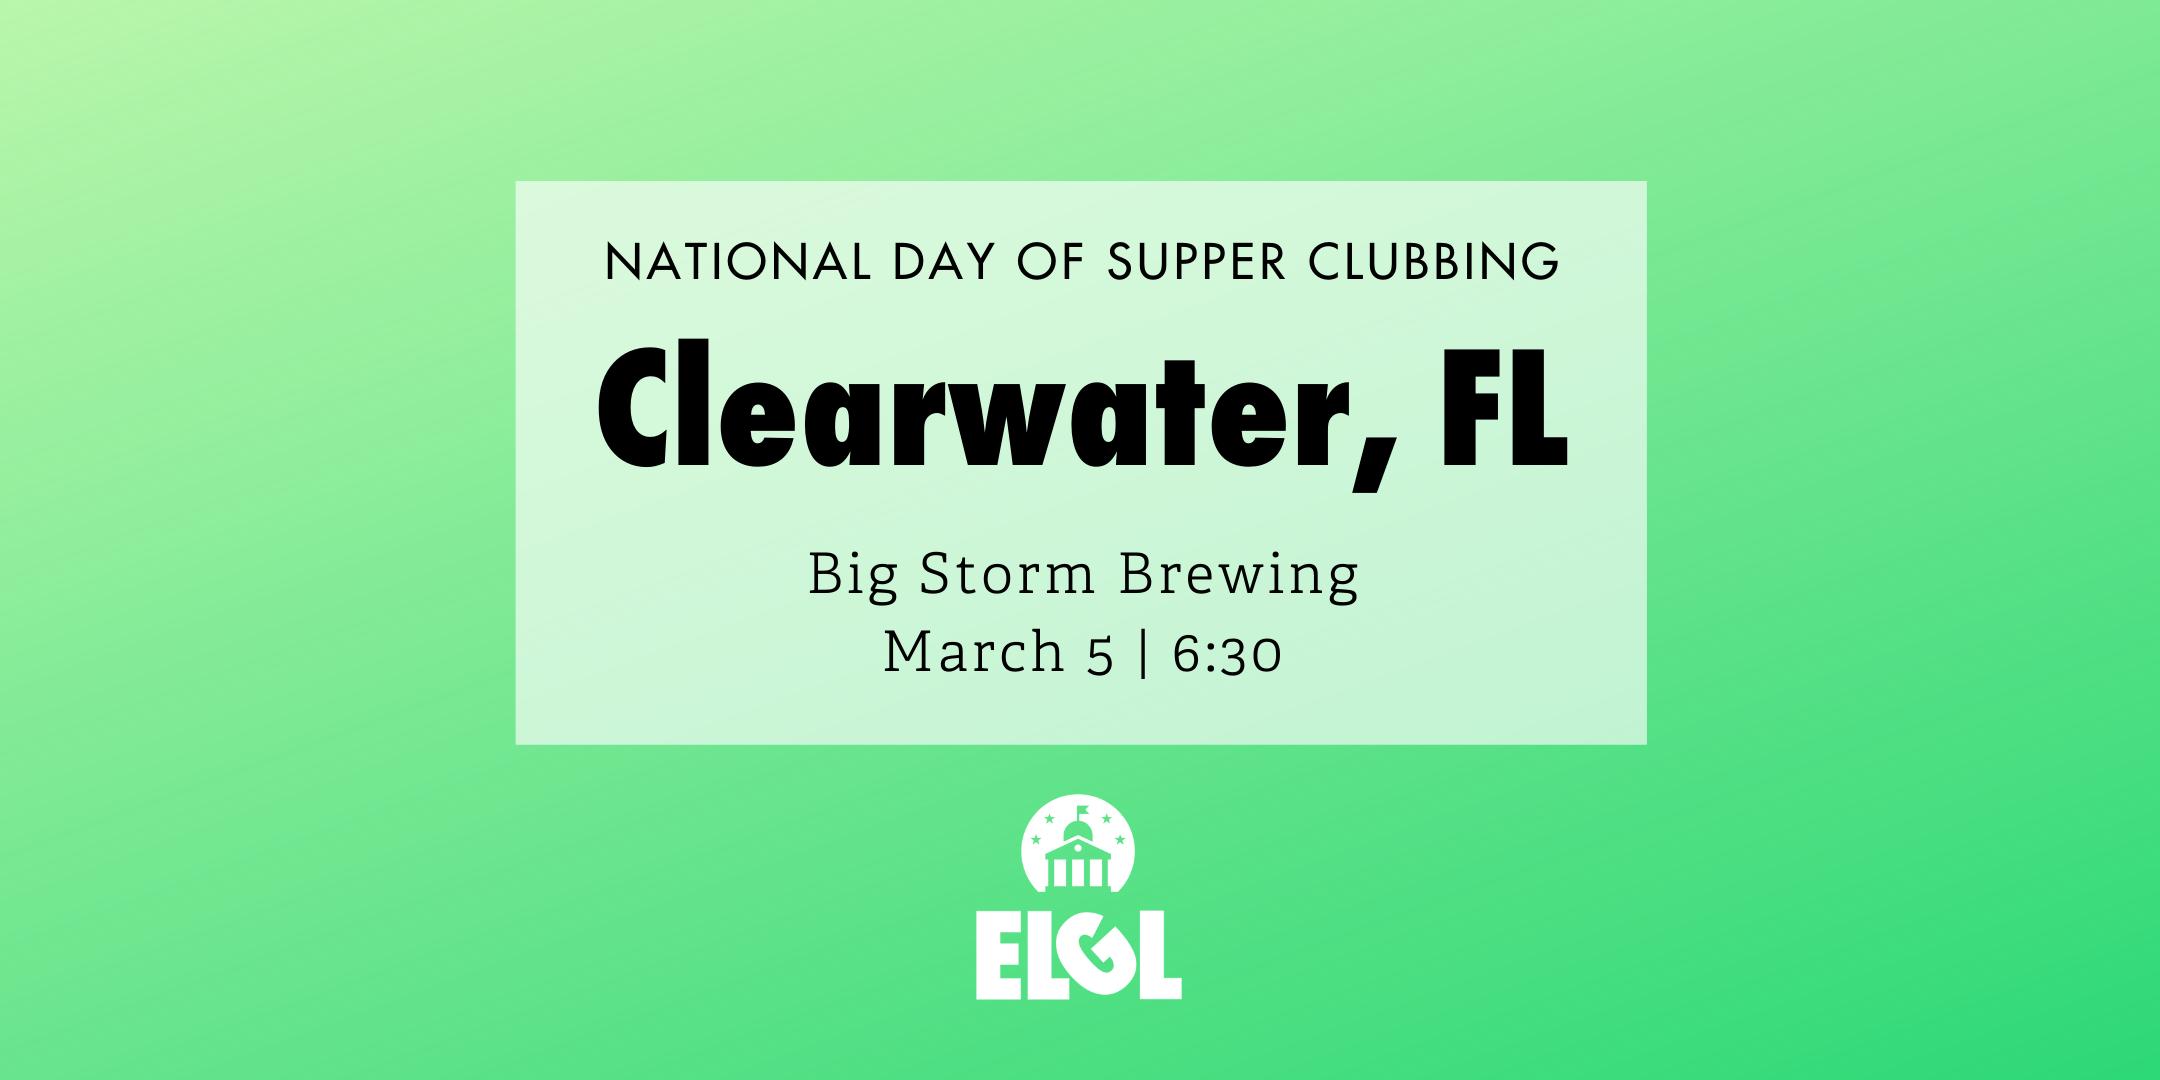 #NDOSC Clearwater FL